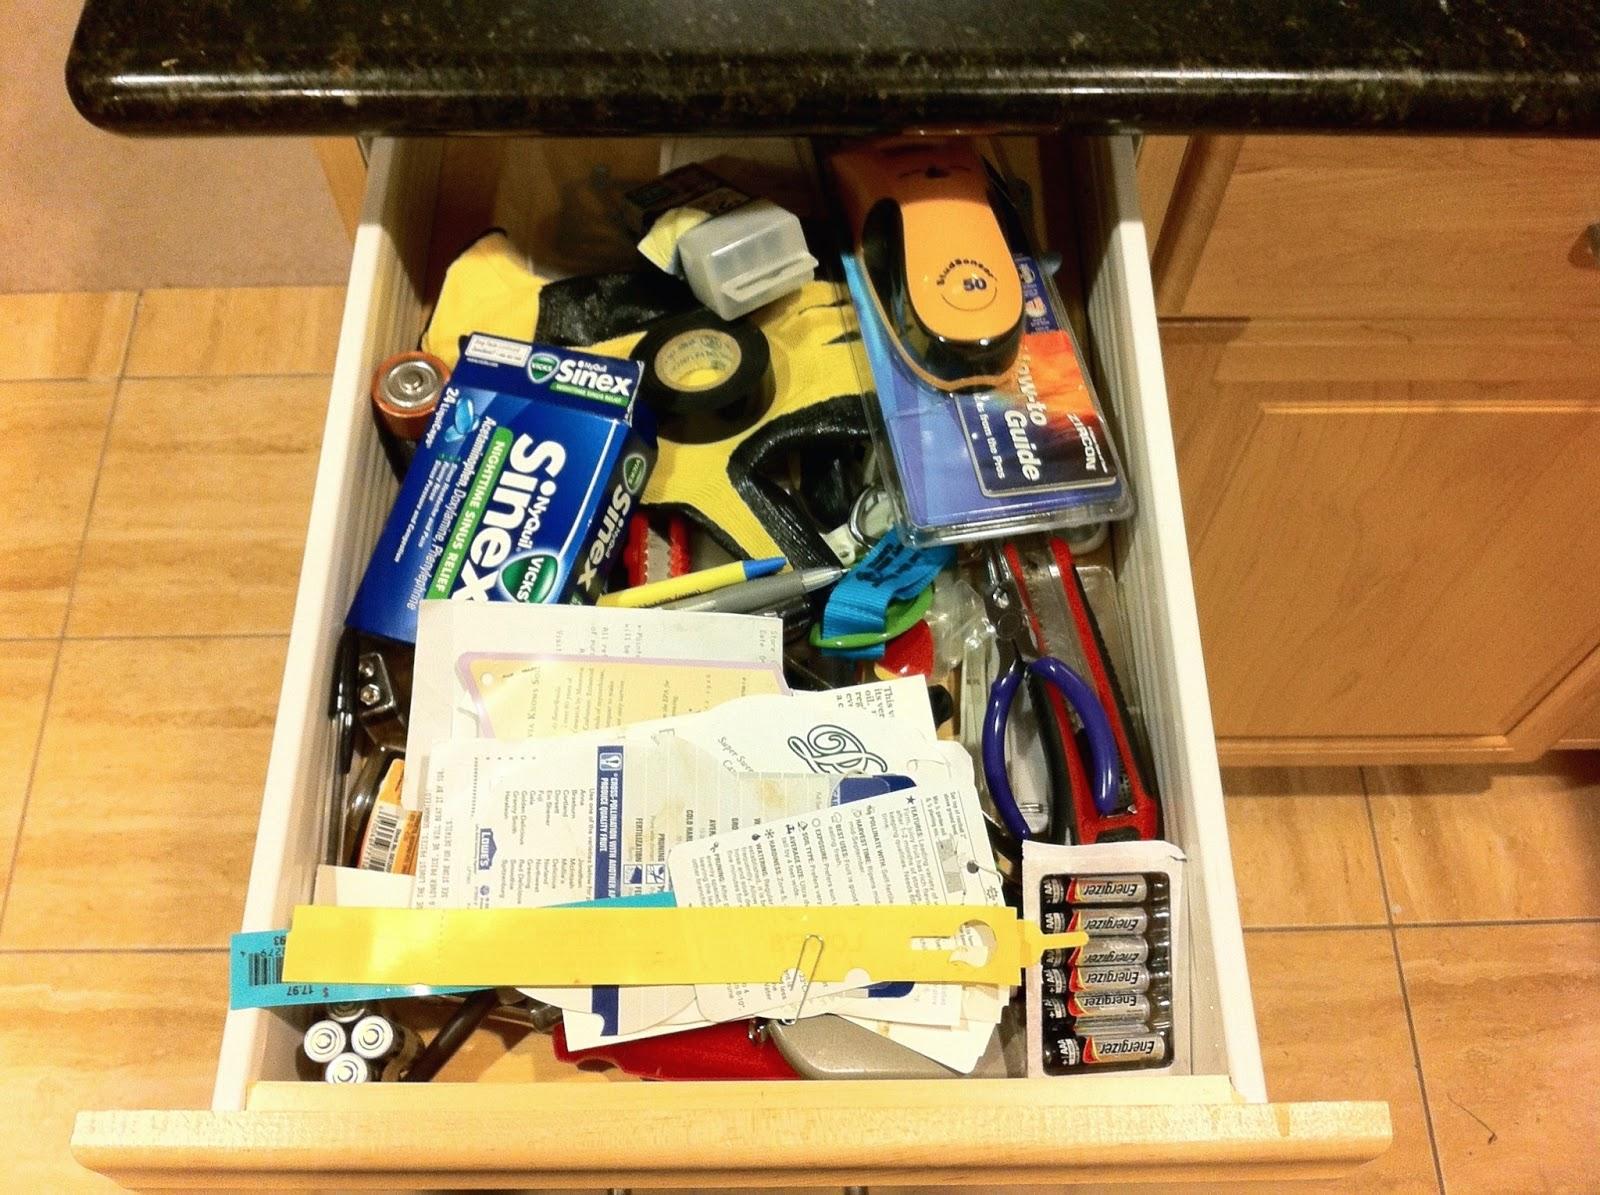 Miscellanea etcetera kitchen organization part 2 junk for Kitchen junk drawer